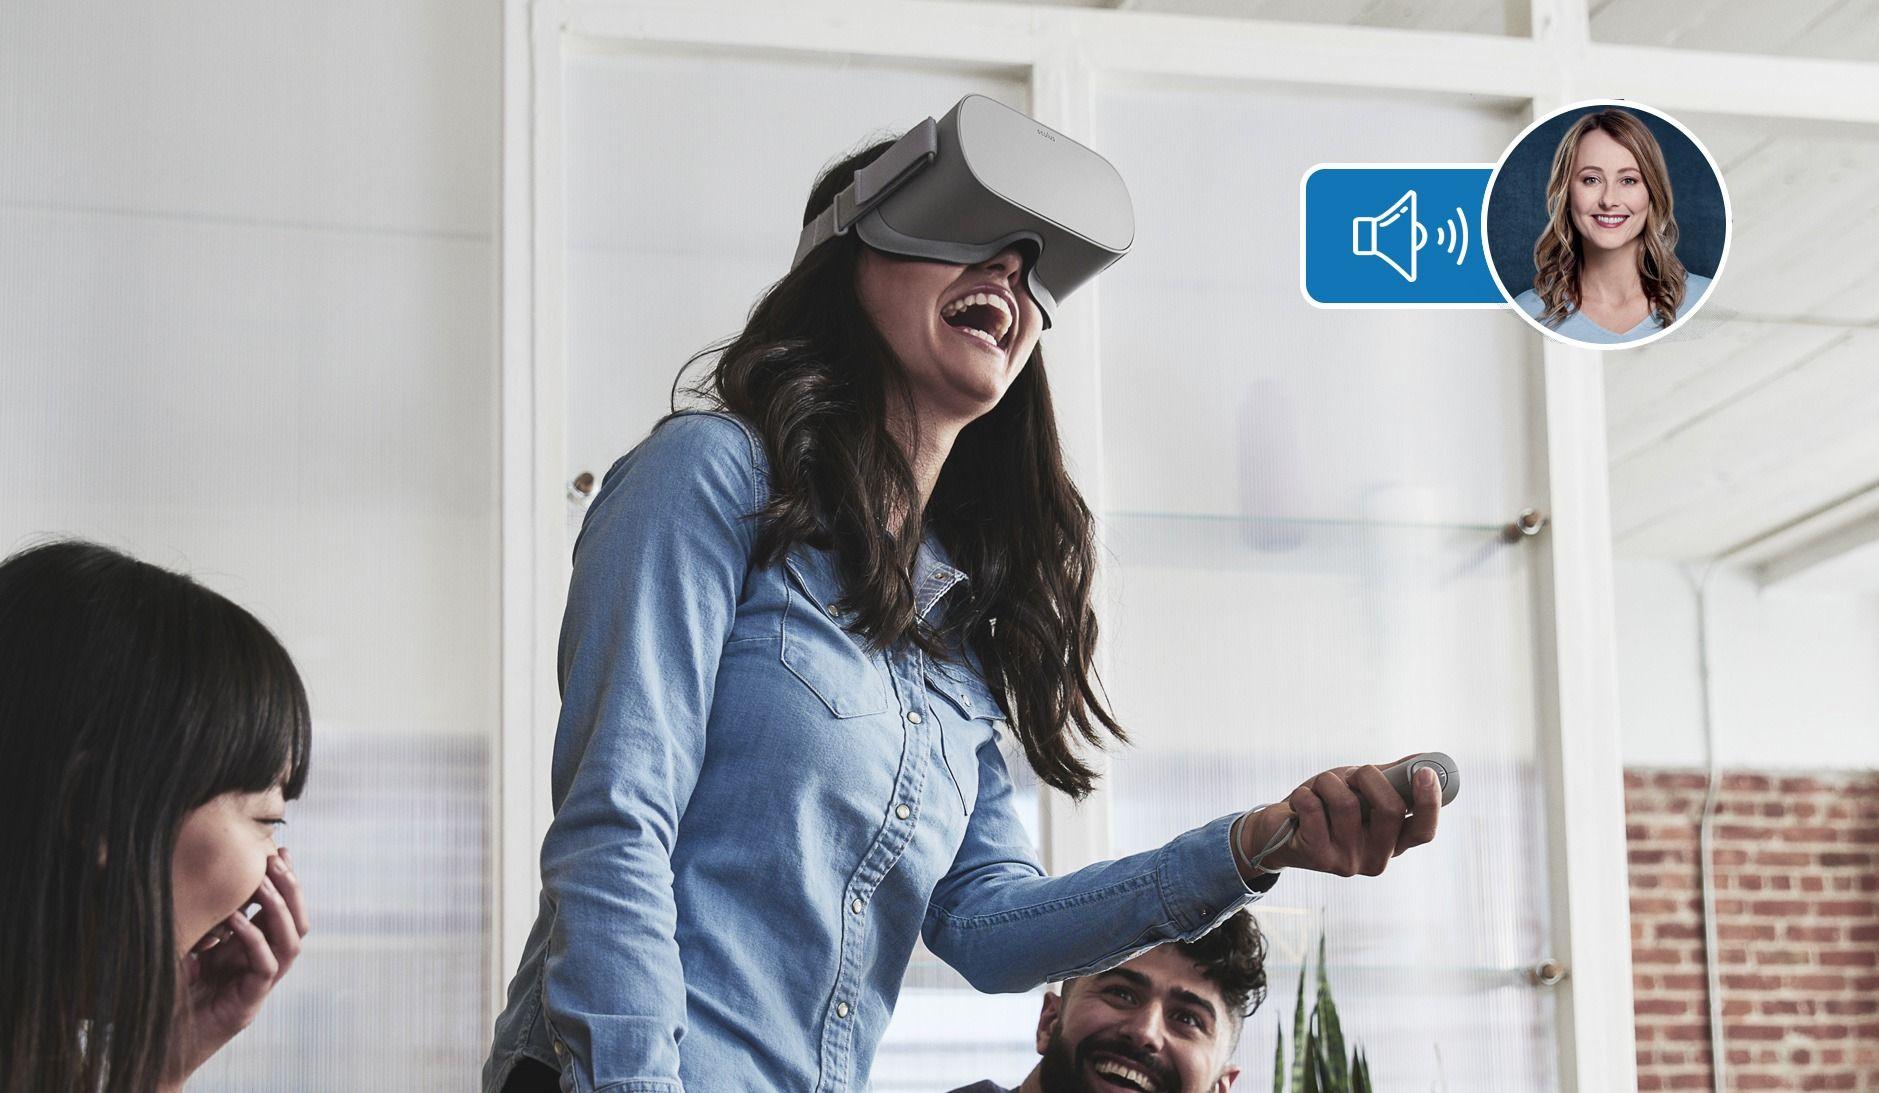 Réalité virtuelle: Puisqu'il faut... servir de cobayes!